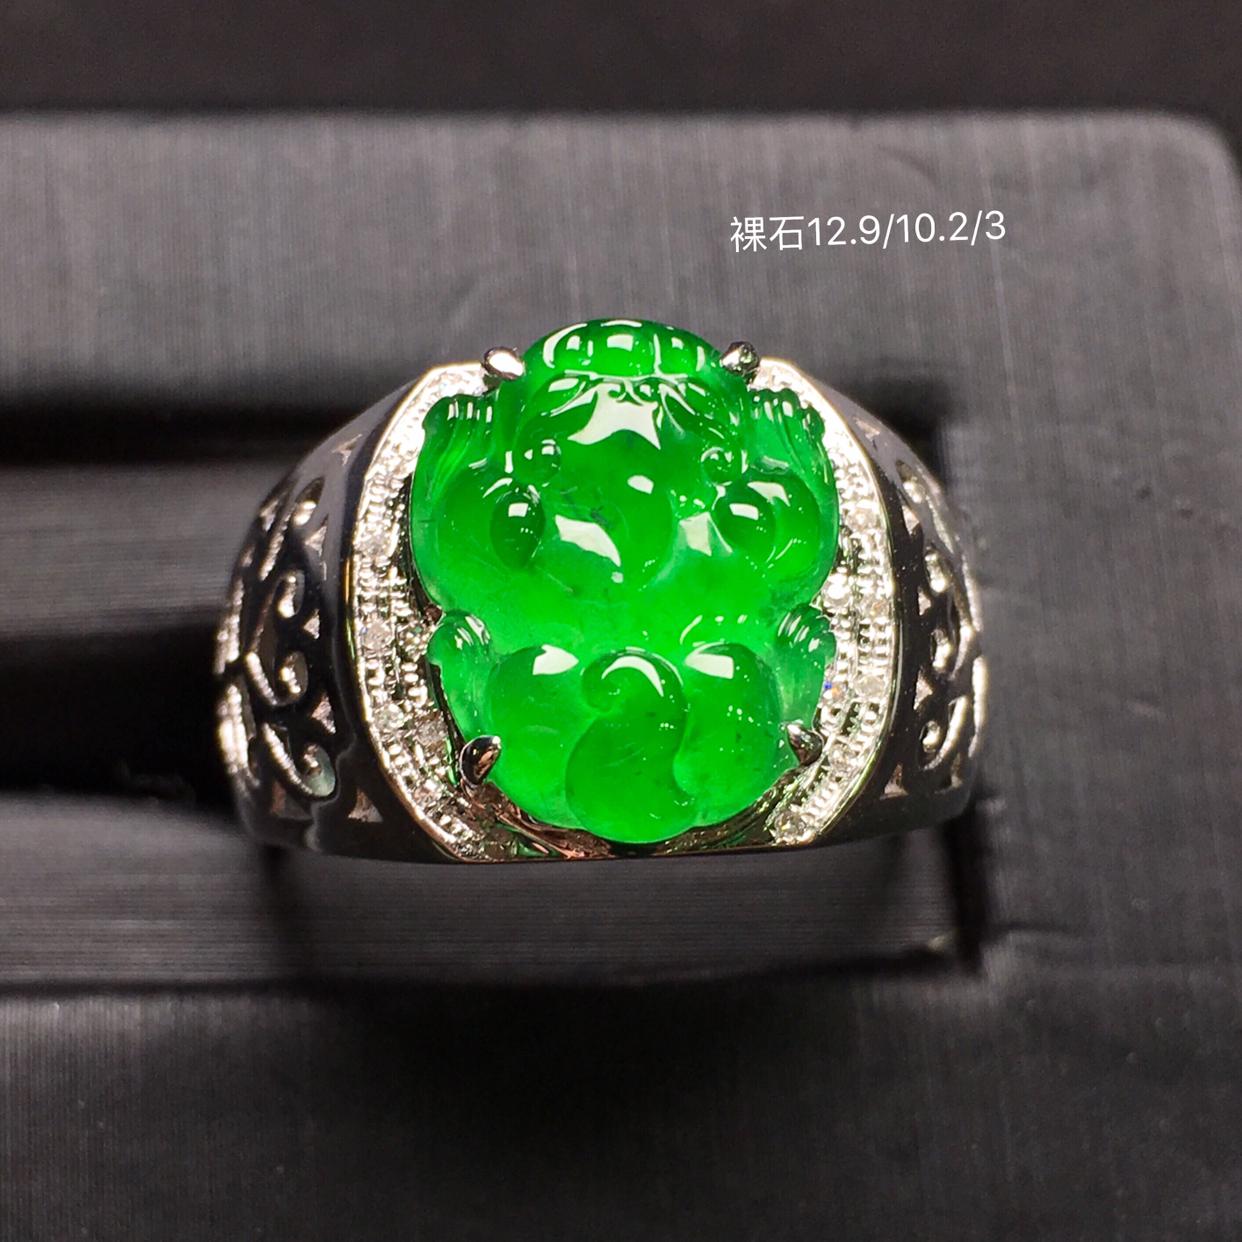 满绿貔貅马鞍戒,18k金豪华镶钻,无纹无裂,种好色好,质量杠杠的,性价比超高